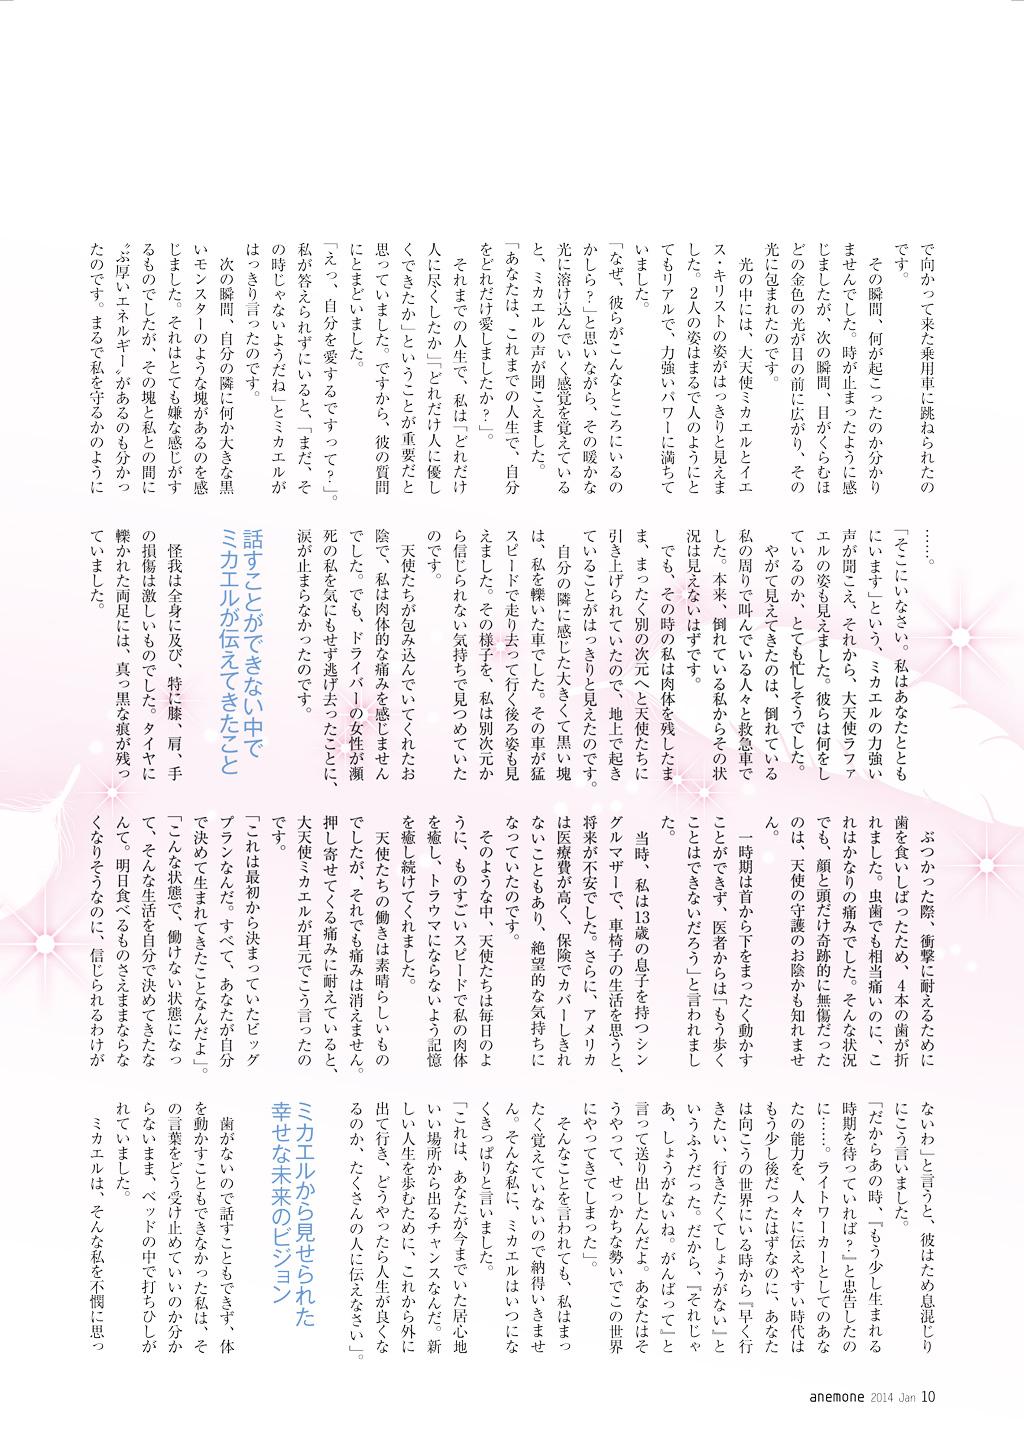 Anemon-Jan-2014-page3